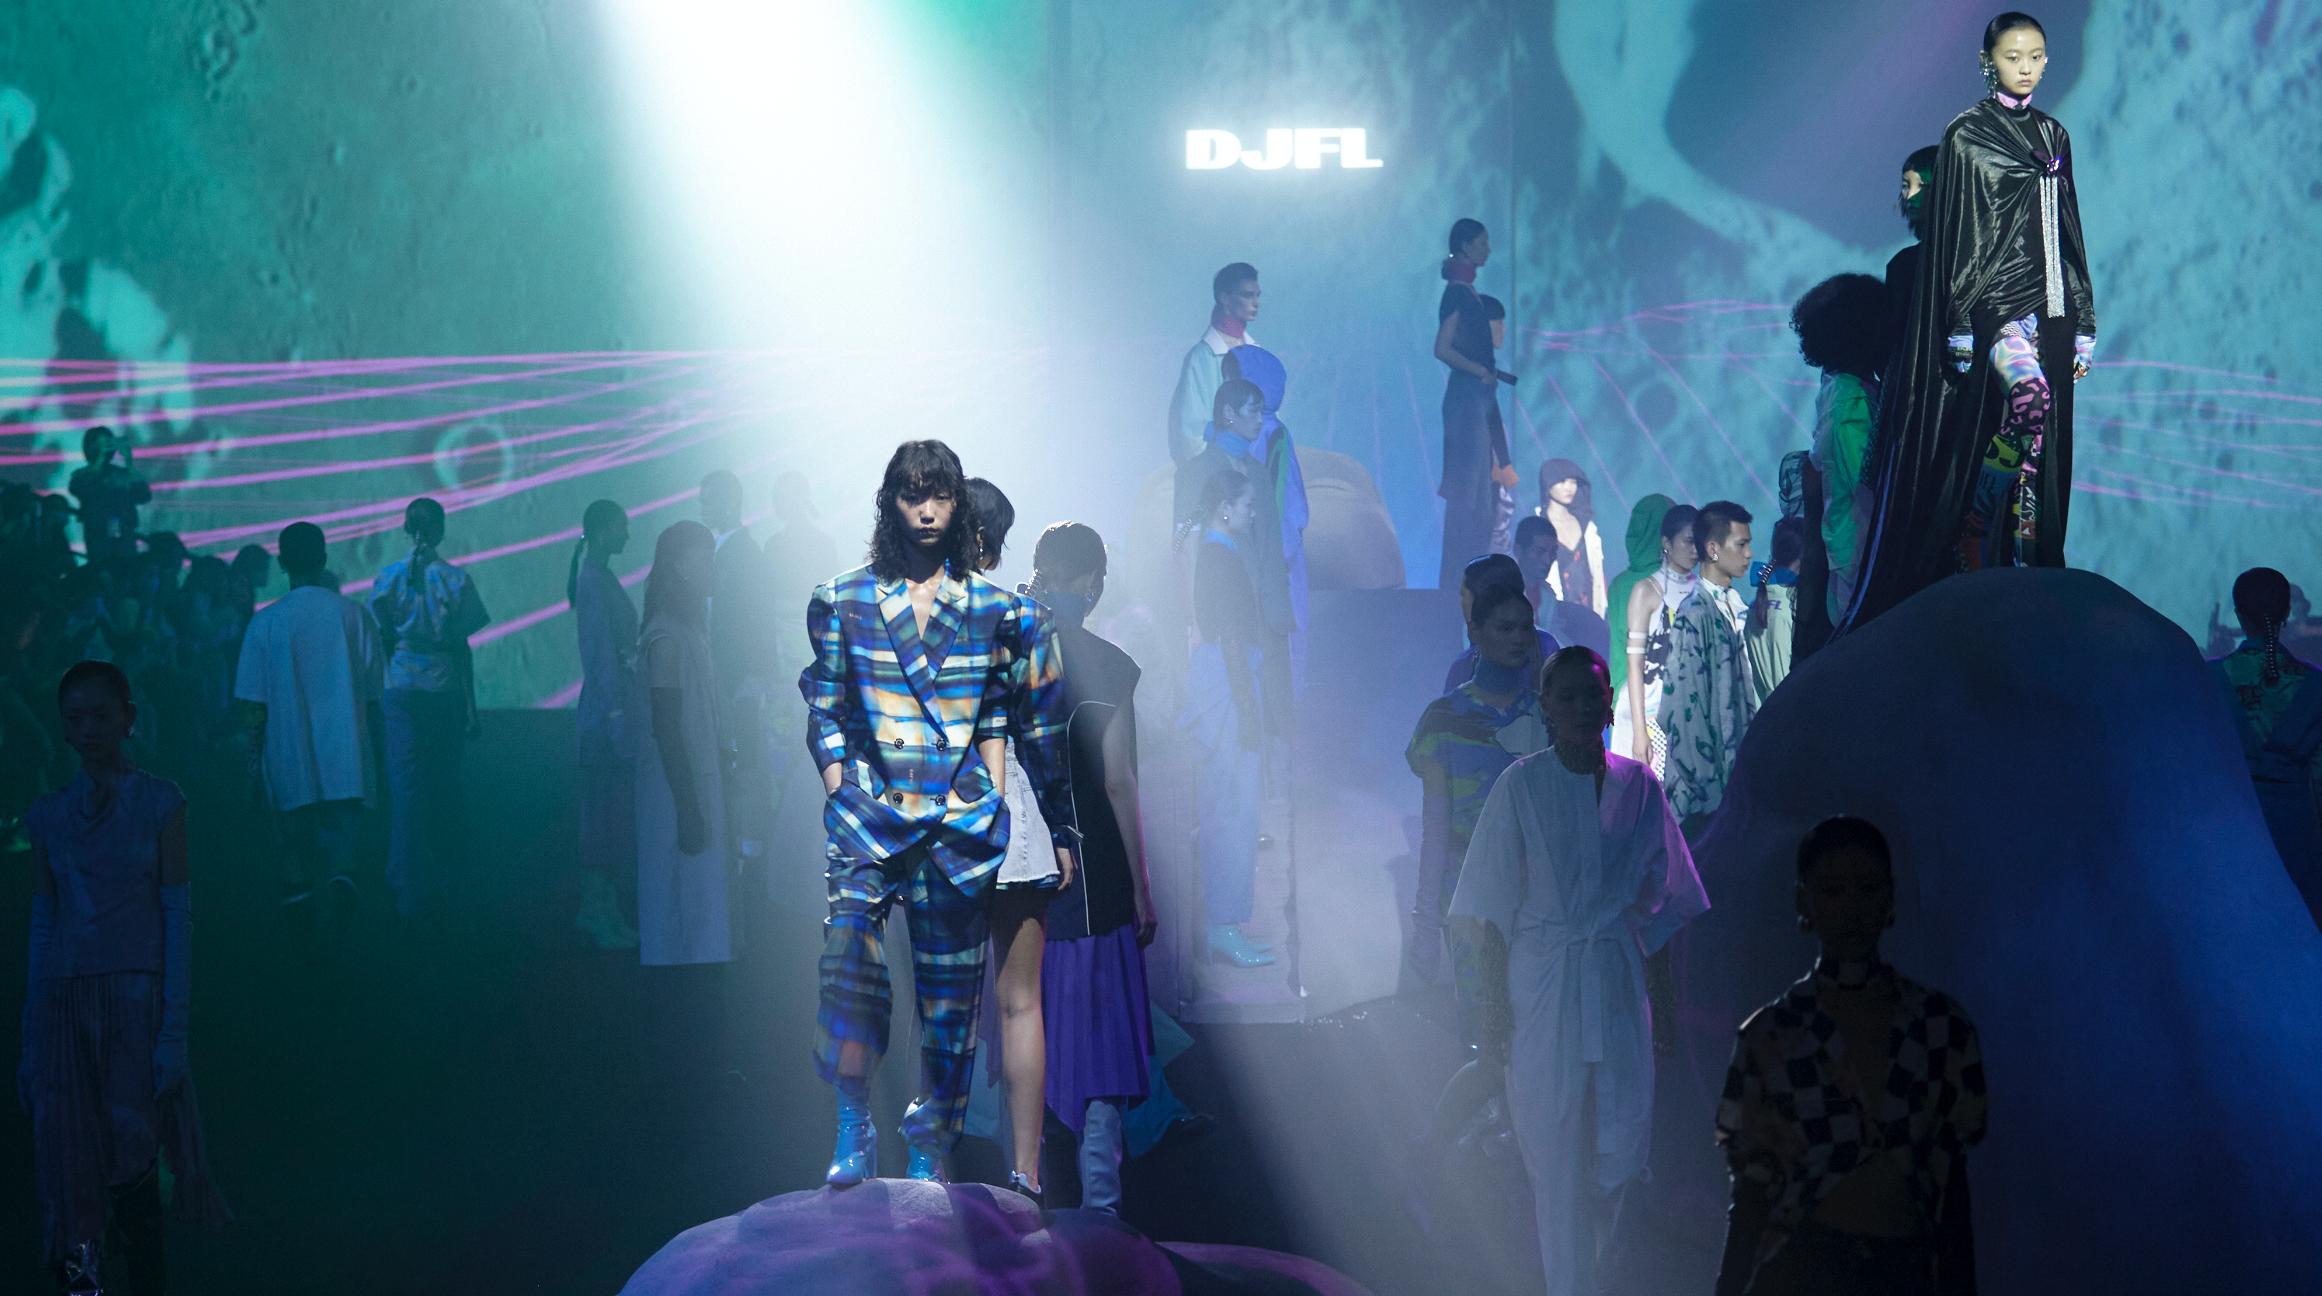 DJFL SS22「異世浮生」上海时装周大秀精彩呈现插图(2)